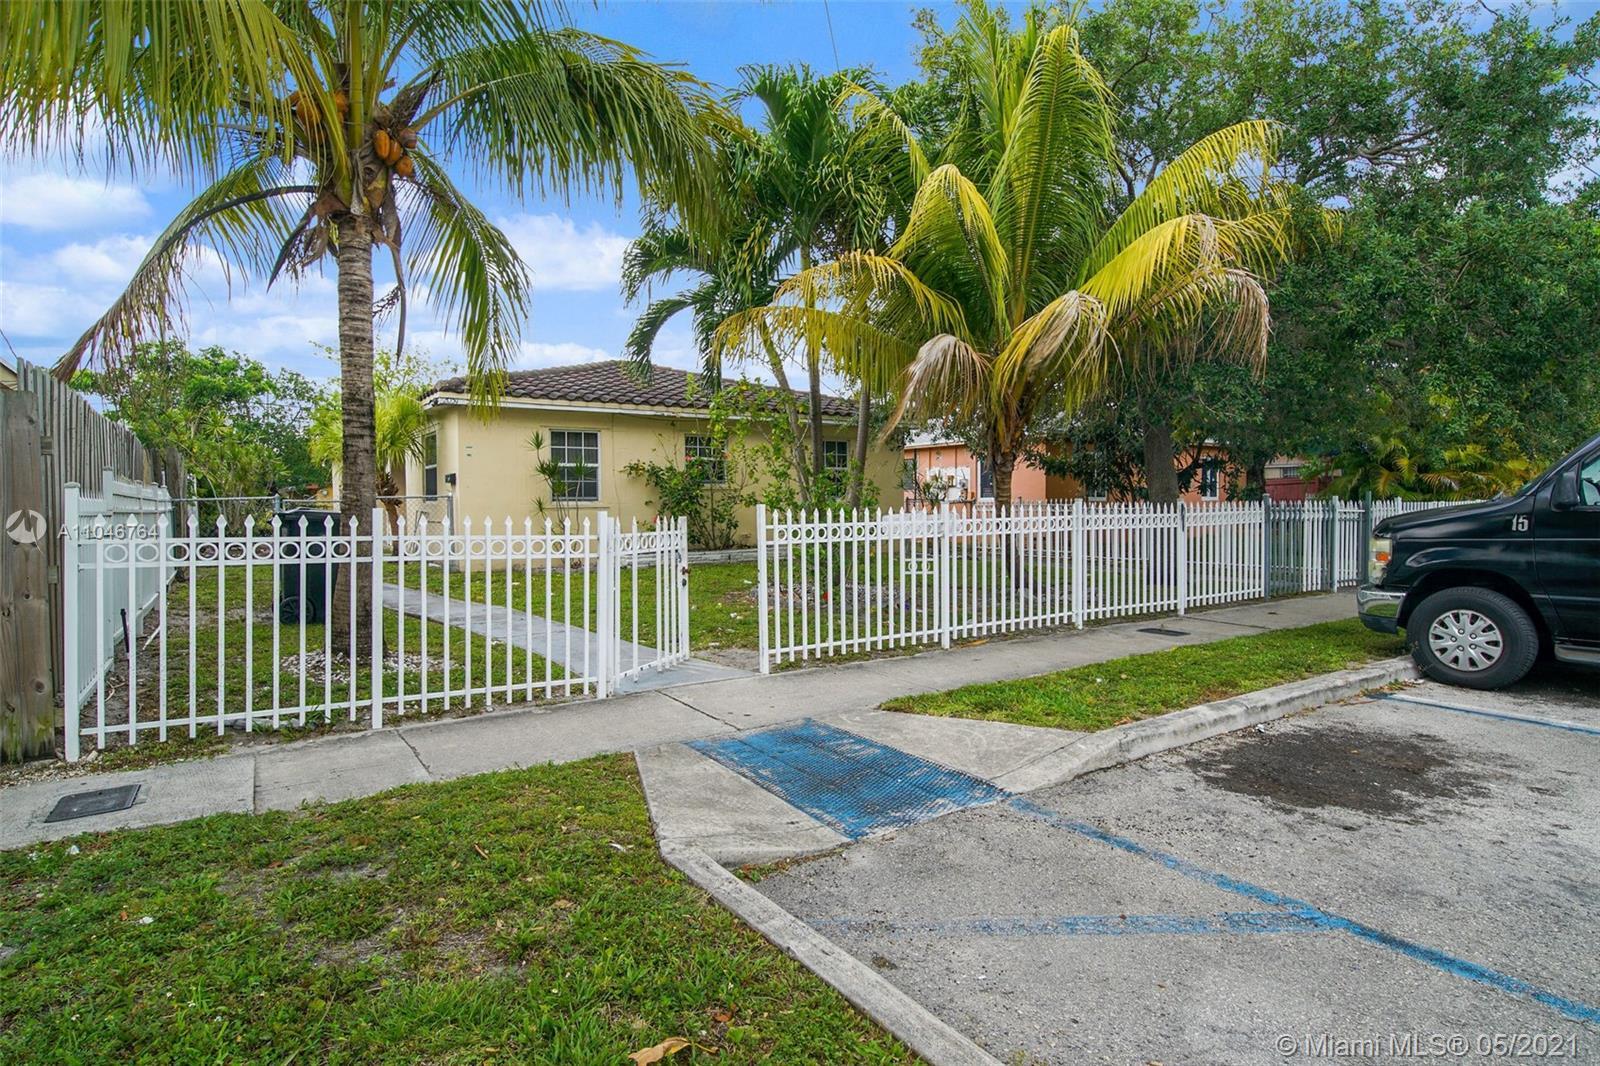 North Miami Beach - 2051 NE 167th St, North Miami Beach, FL 33162